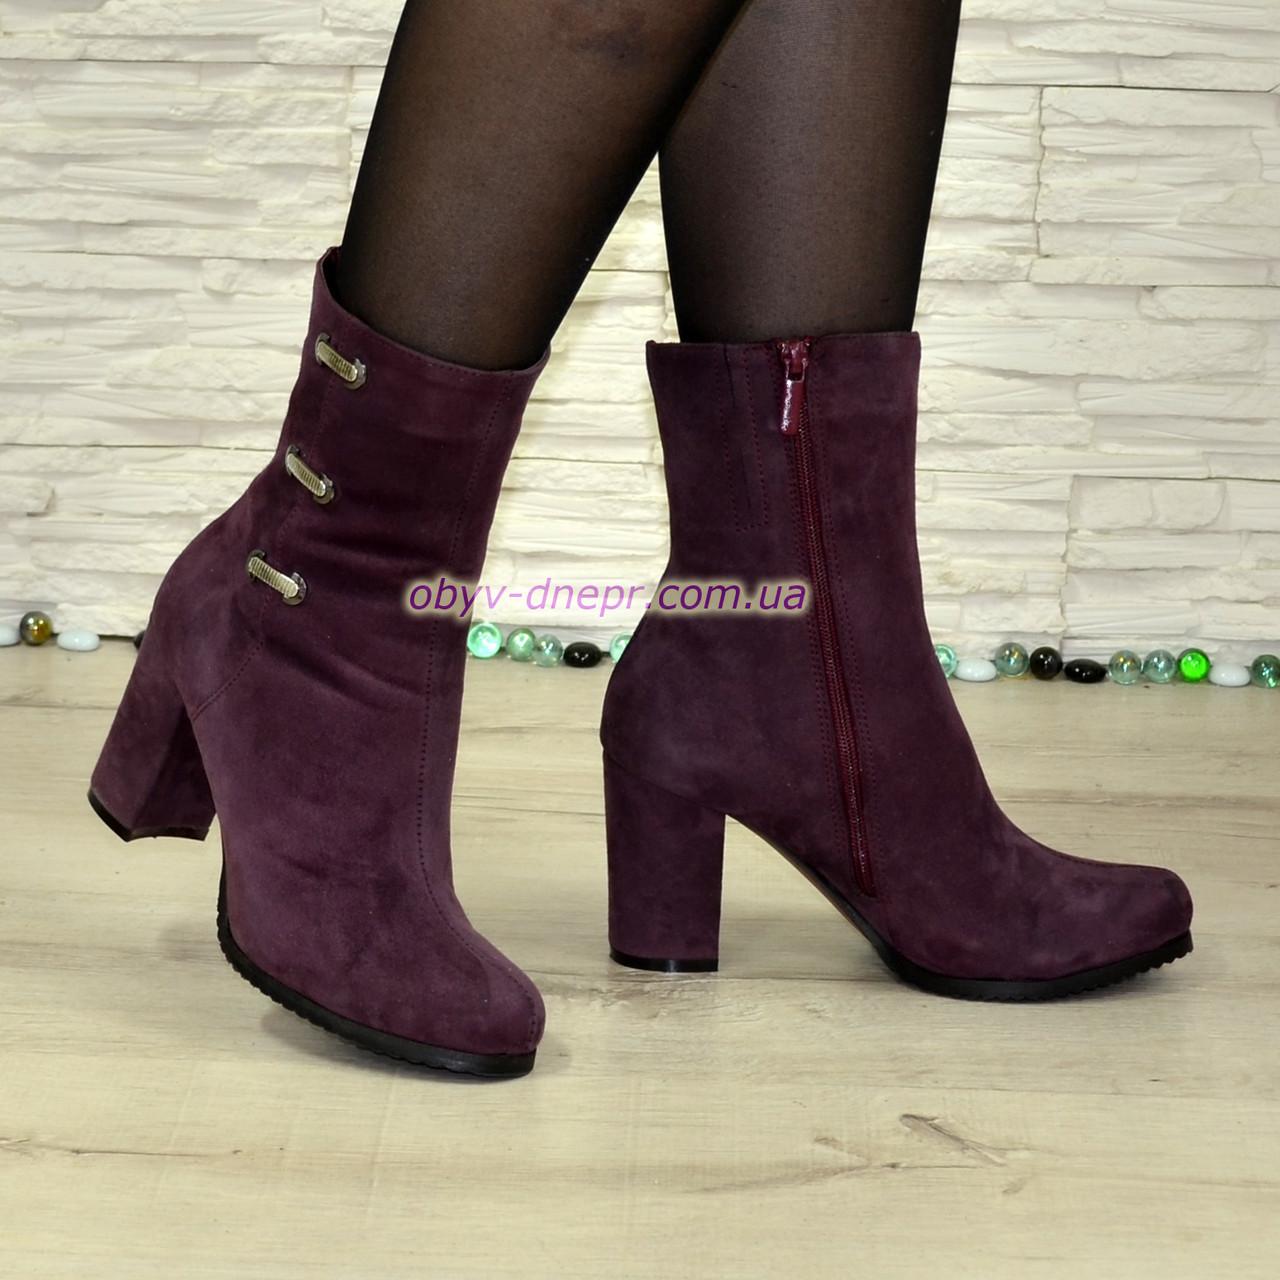 Ботинки   замшевые на высоком устойчивом каблуке, цвет фиолетовый